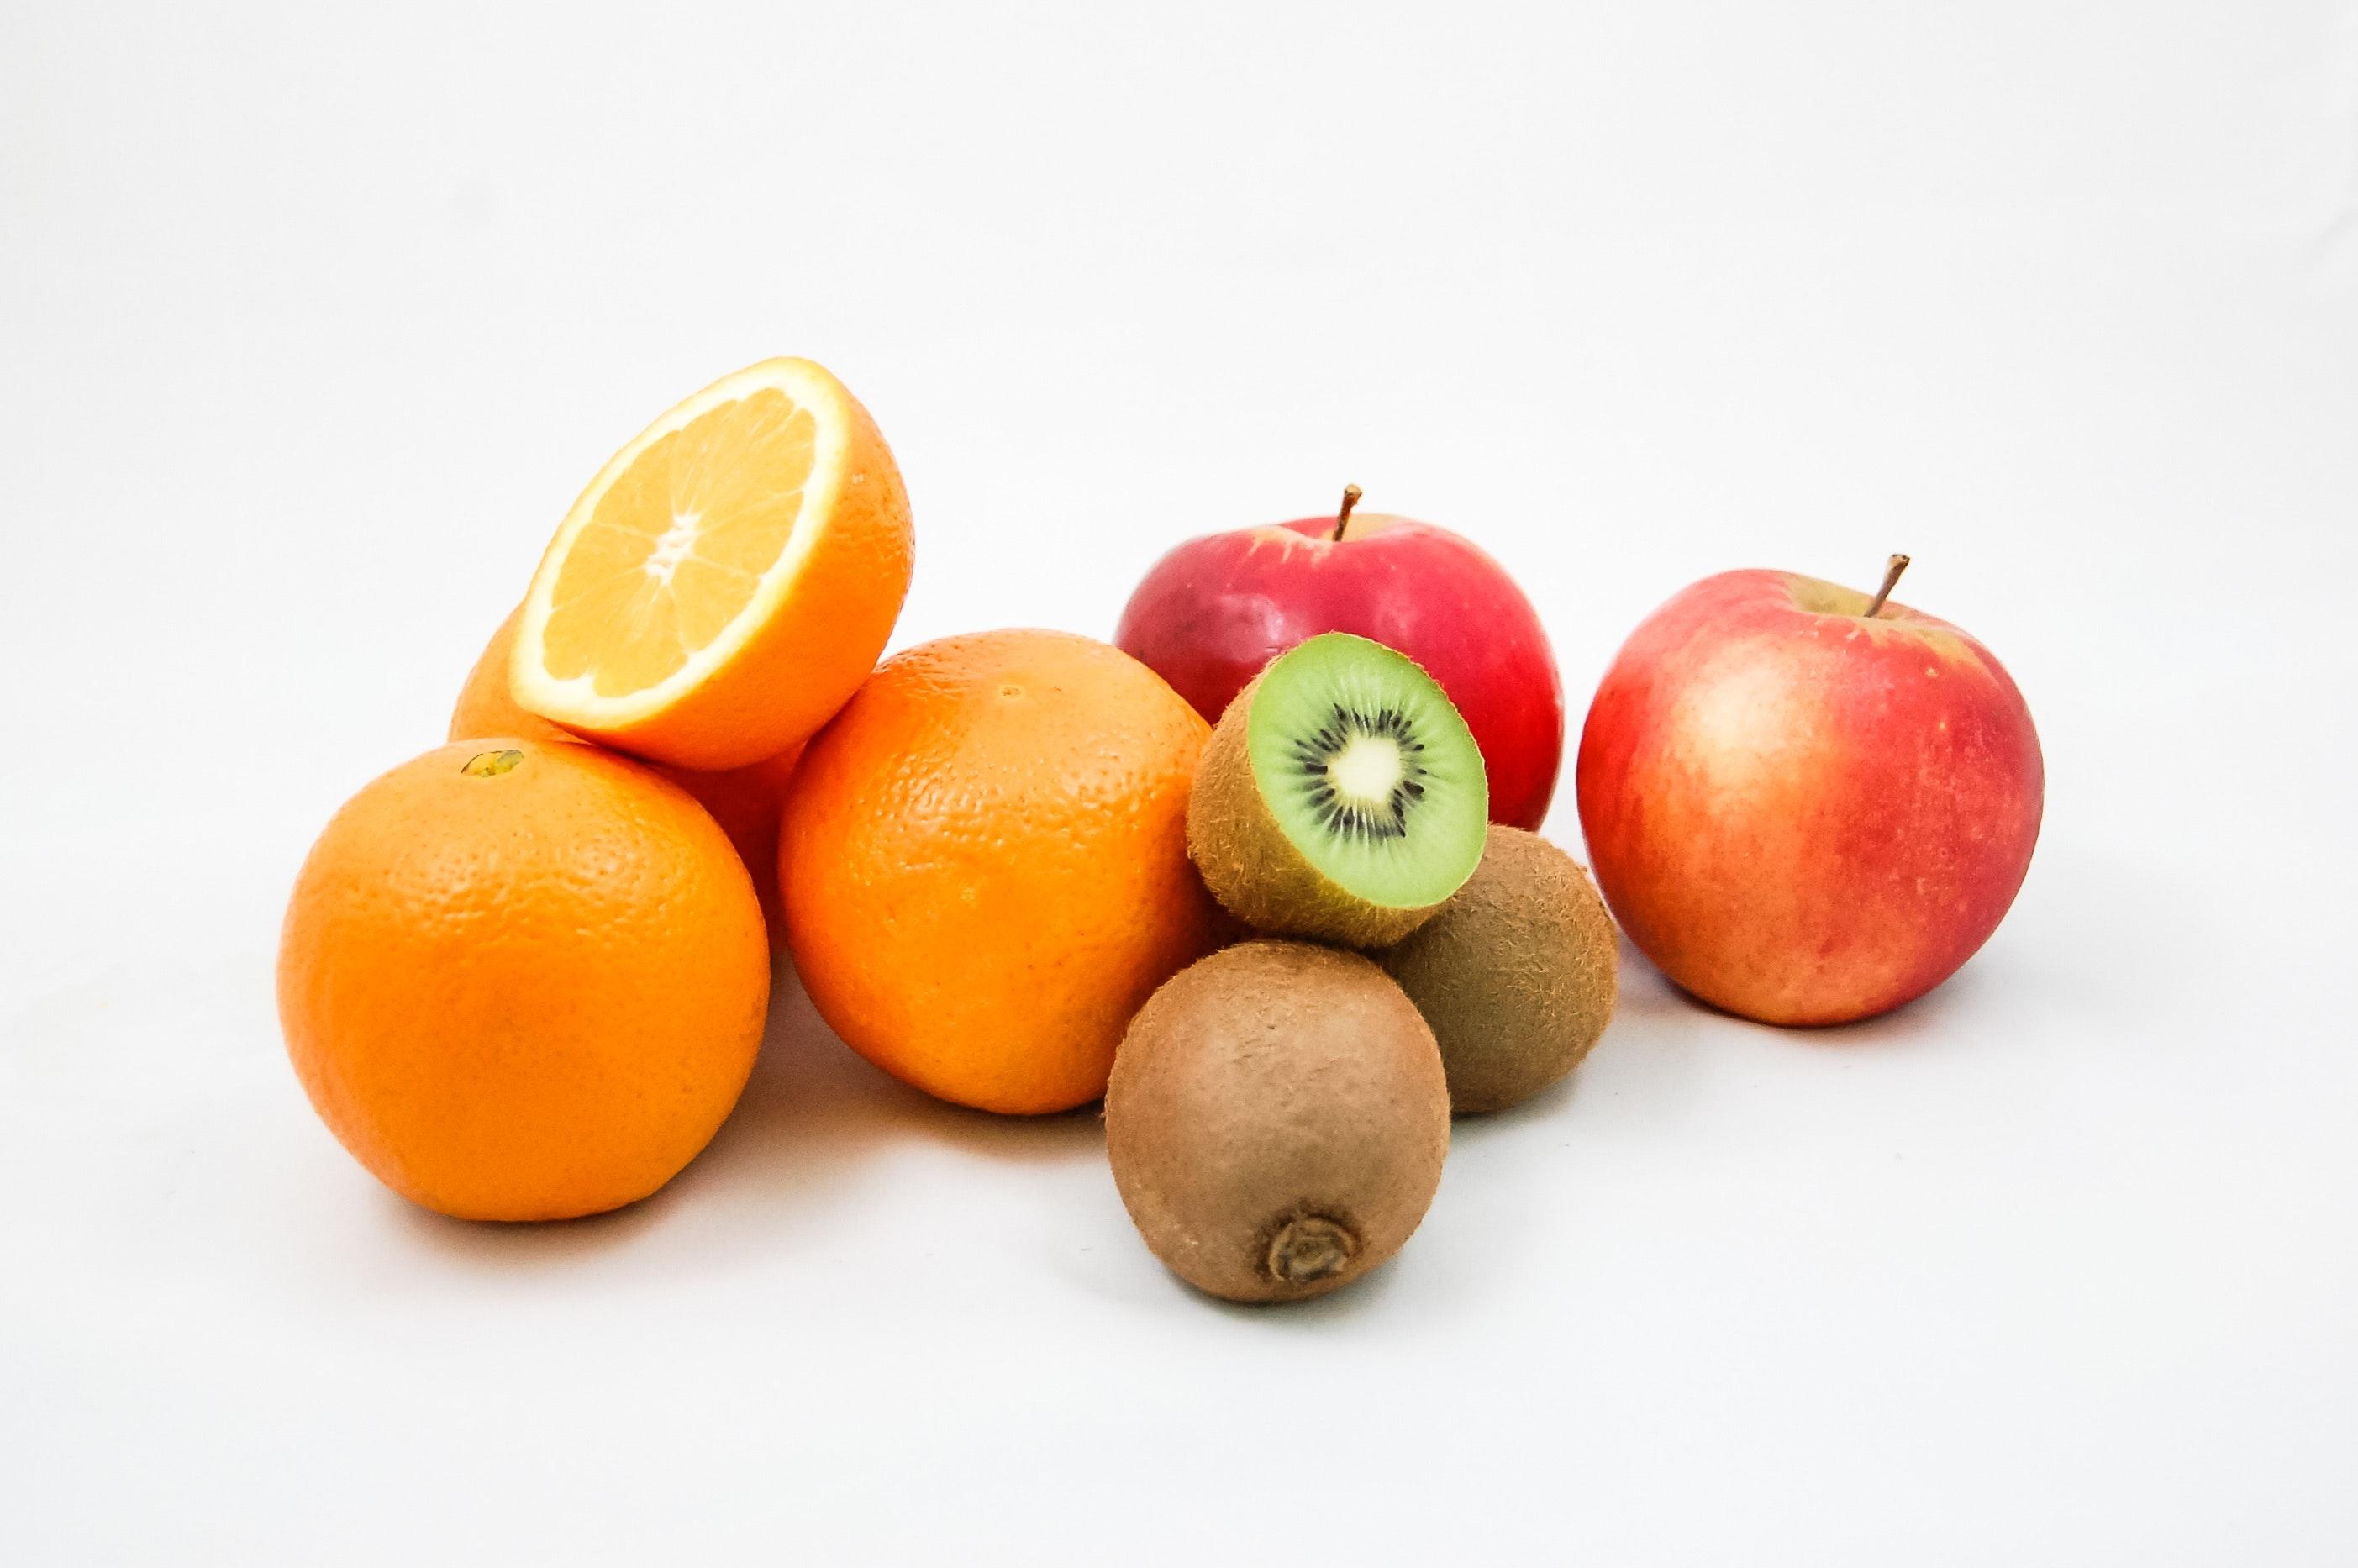 amamentacao frutas em um fundo branco